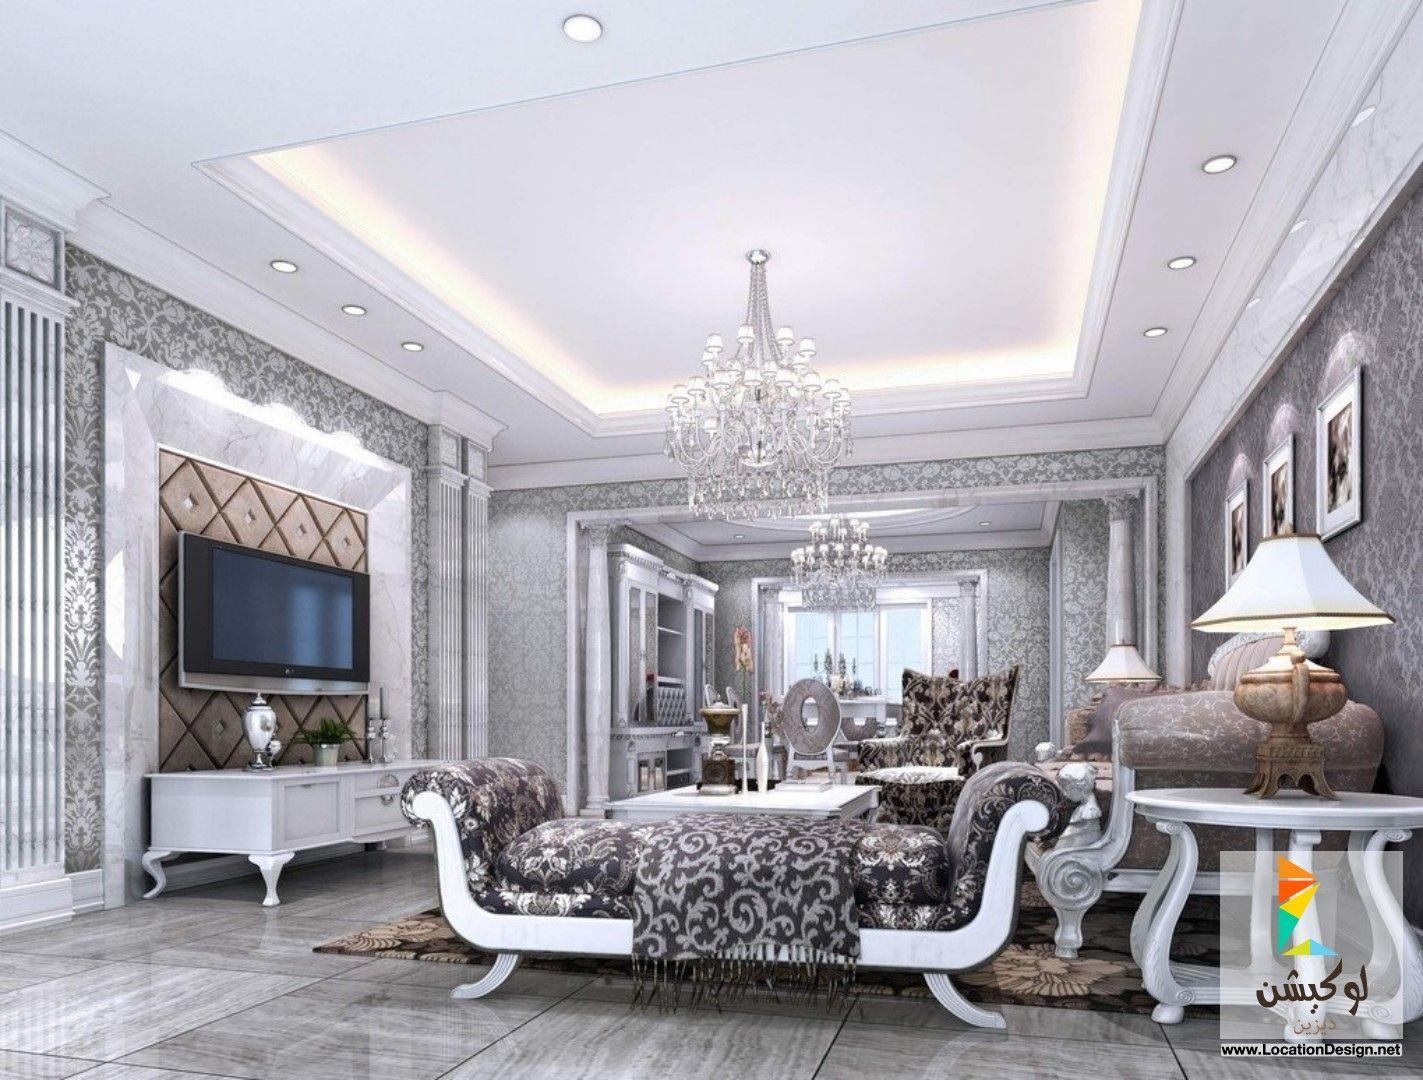 افضل 10 تصميمات صور ديكورات جبس 2015 لوكيشن ديزاين تصميمات ديكورات أفكار جديدة مصر Dinning Room Decor Decor Design Decor